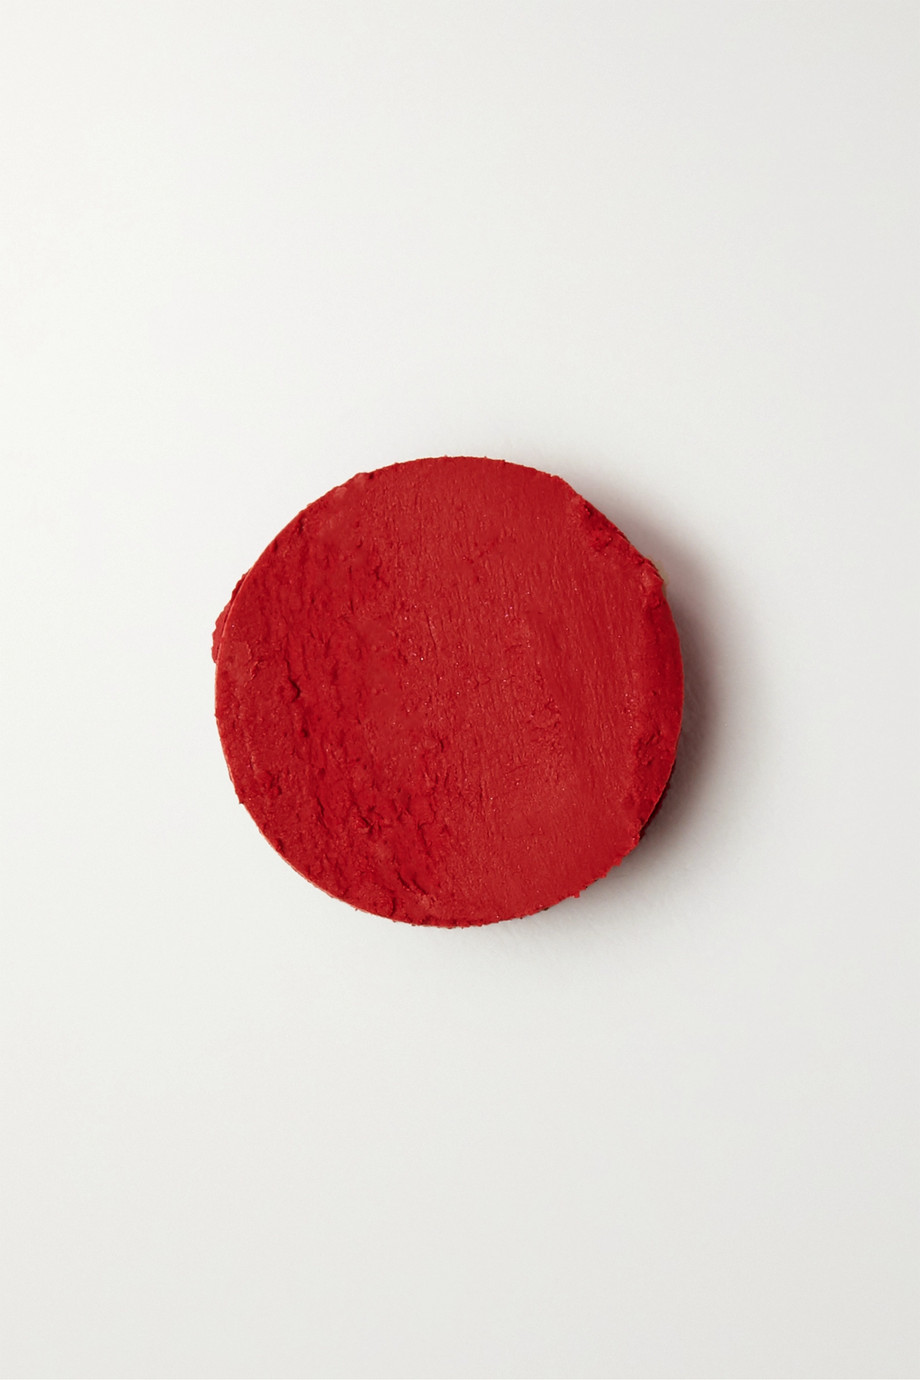 Gucci Beauty Rouge à Lèvres Mat Lipstick - Eadie Scarlet 502